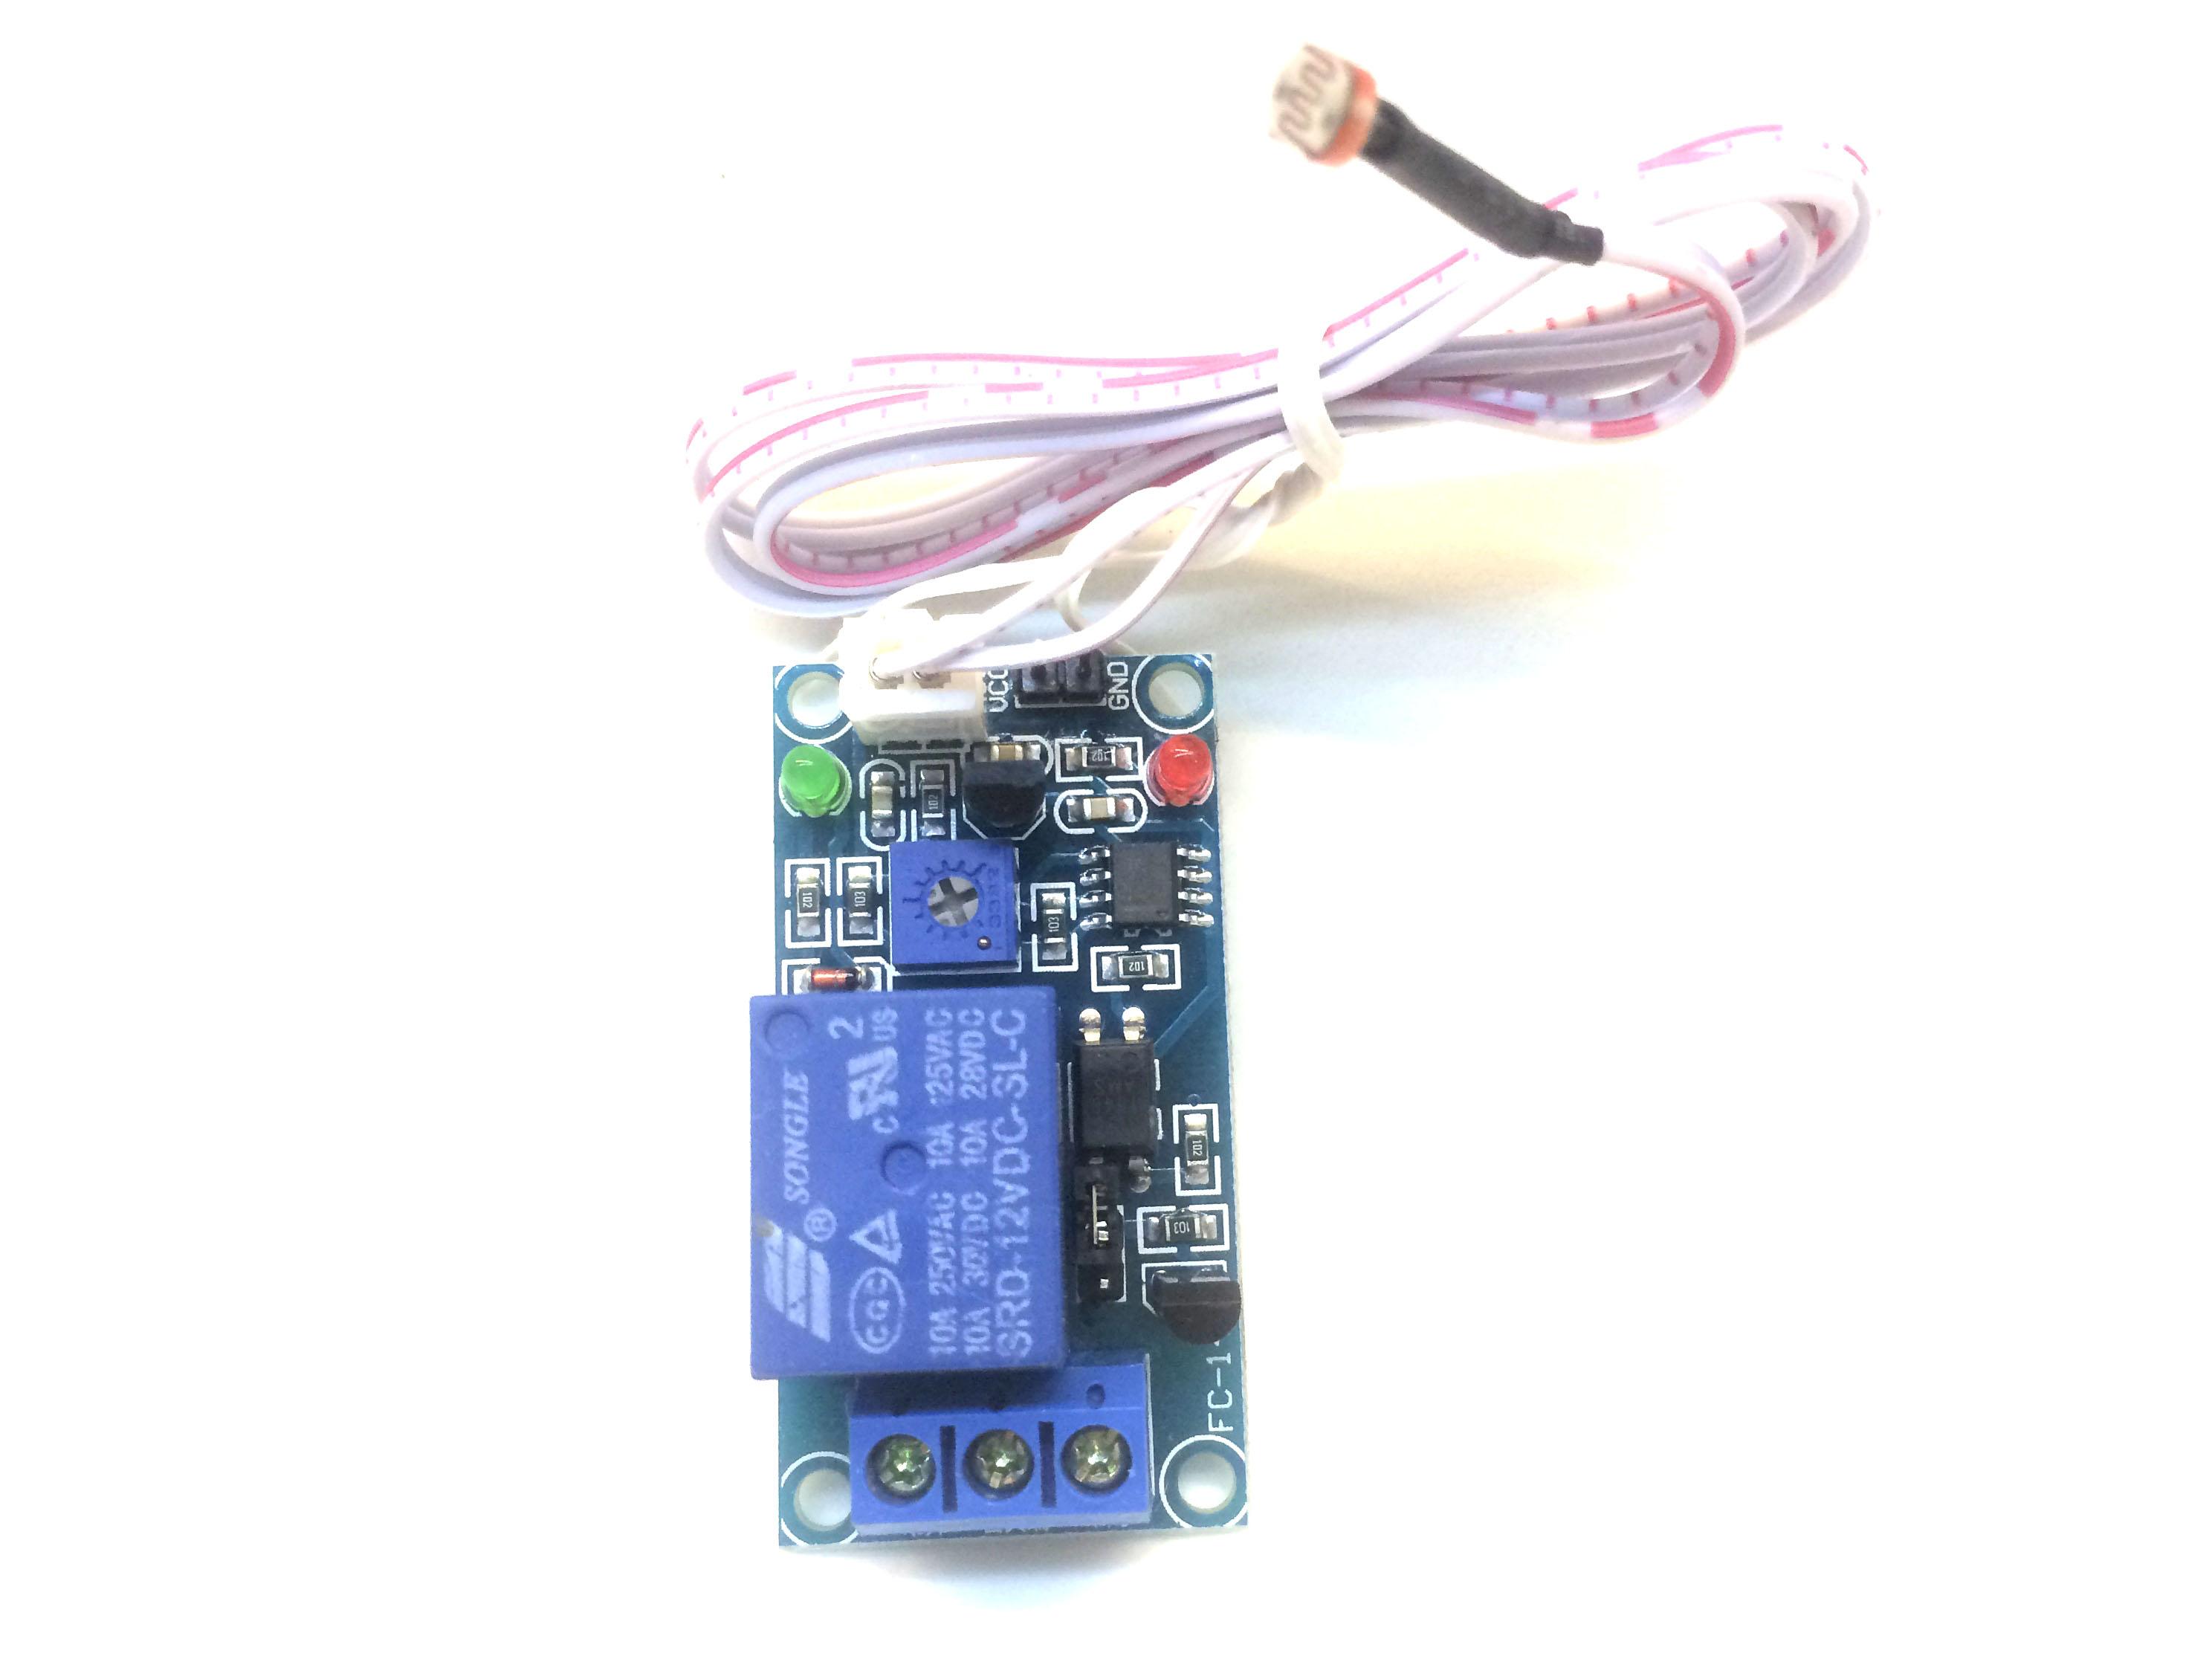 Cảm biến ánh sáng dây dài có relay 5V